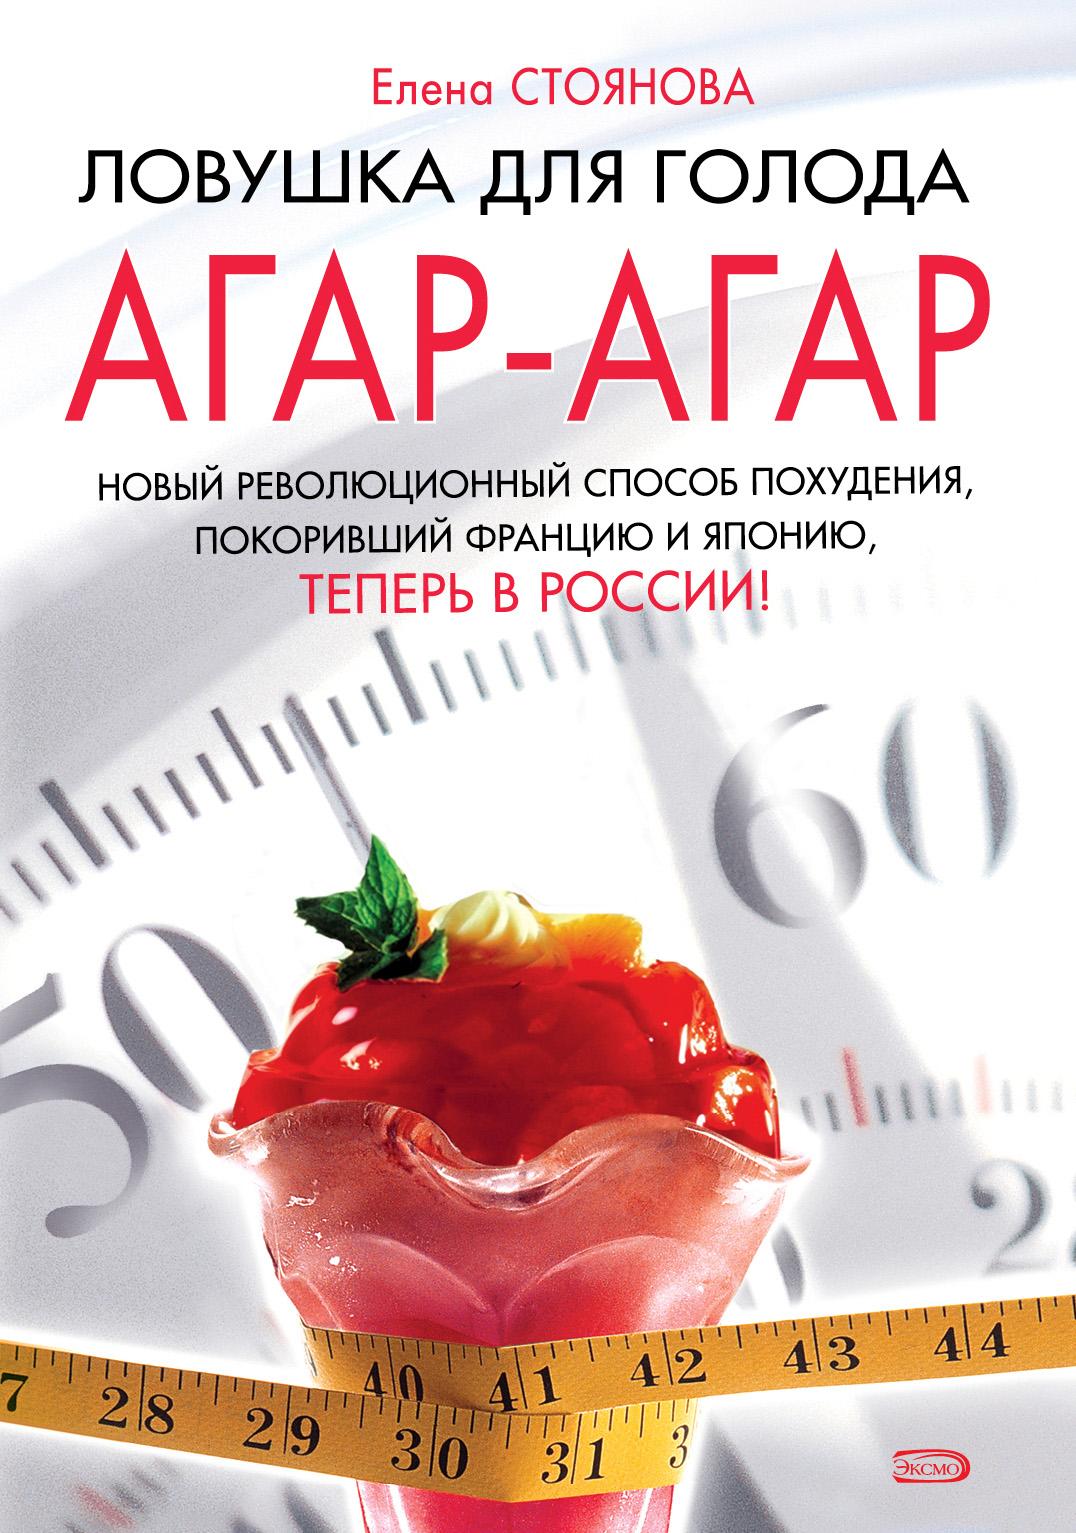 цена Елена Стоянова Ловушка для голода: агар-агар